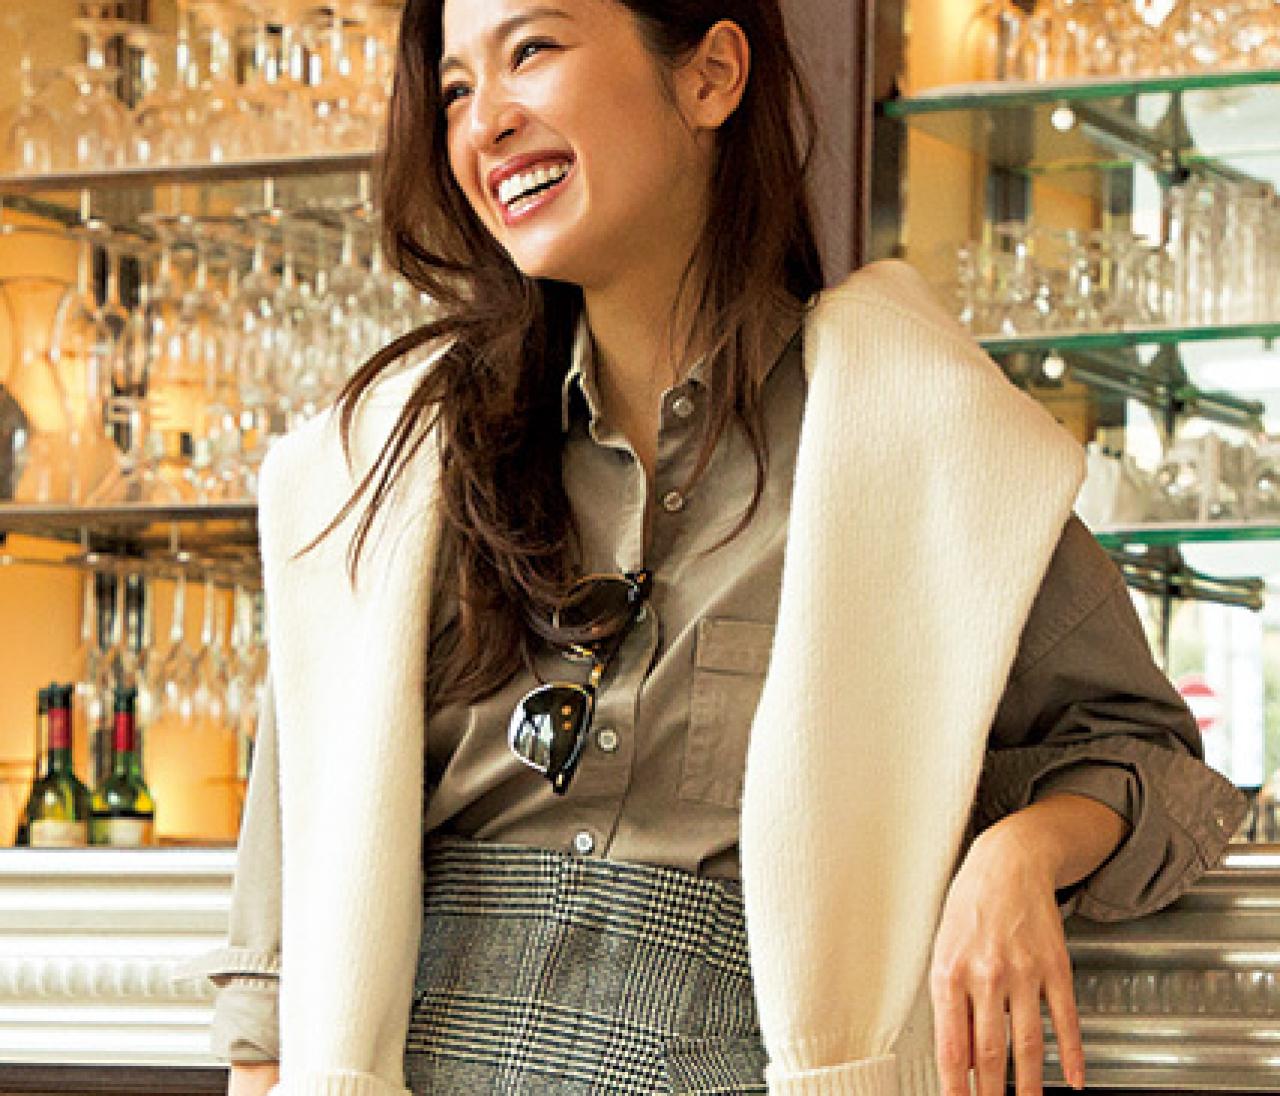 冬のベストトレンド大賞【チェックタイト】を中村アンが着回し7Days